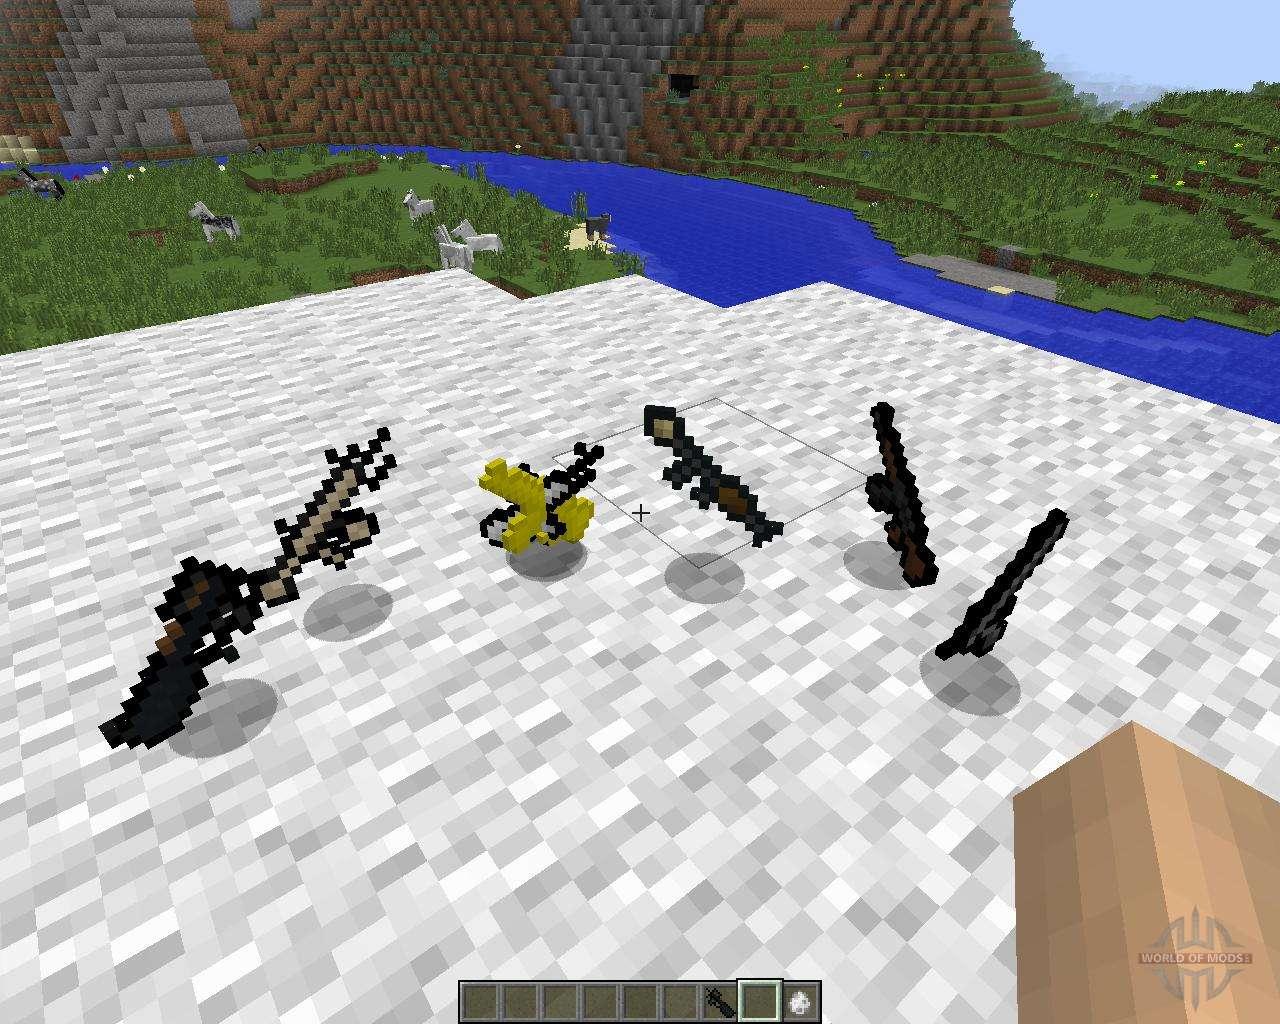 мод на 3d оружие в майнкрафт 1.6.4 #3